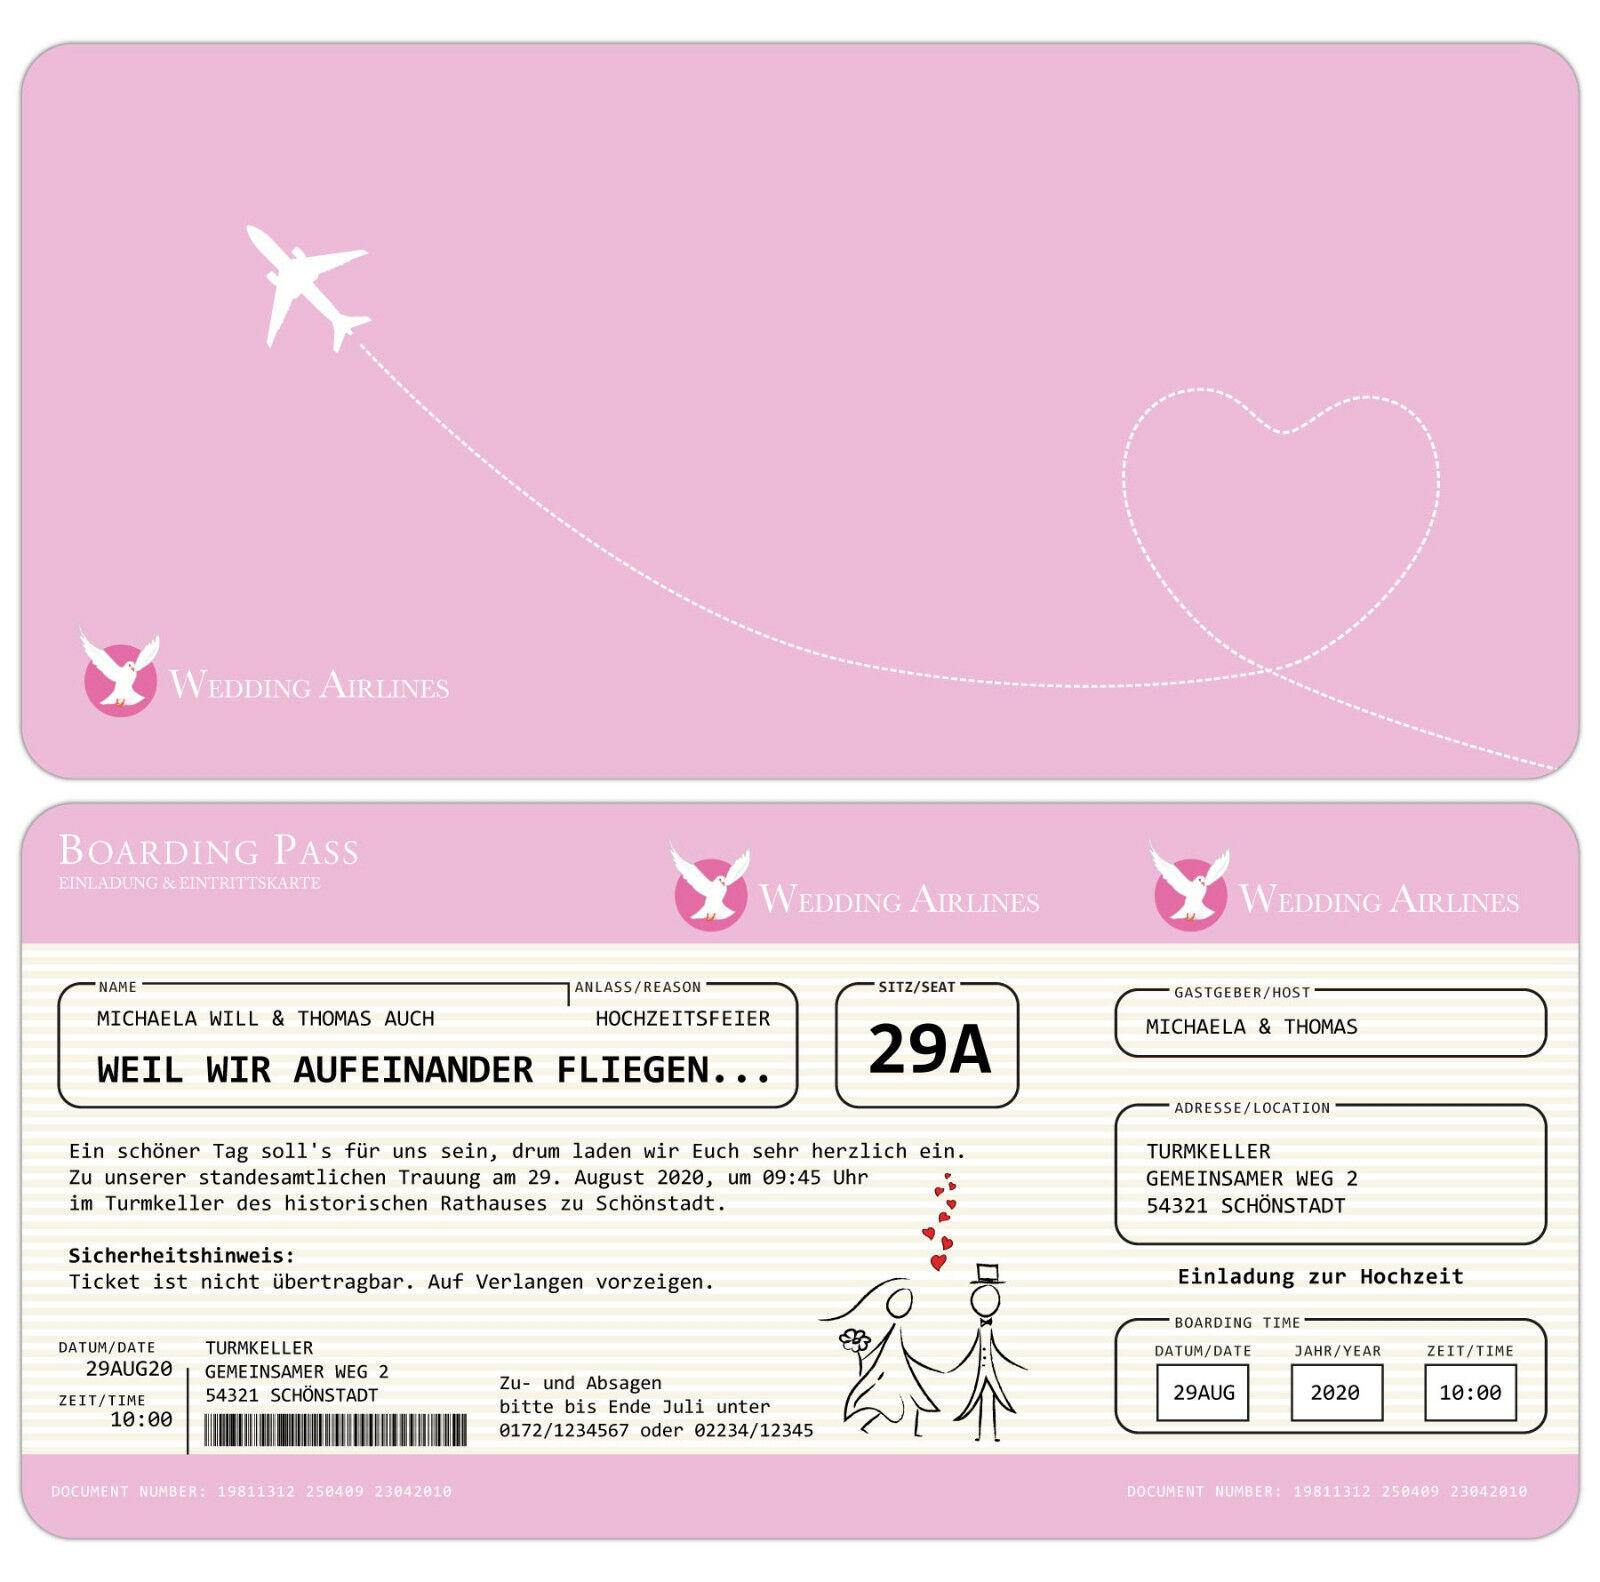 Einladung zur Hochzeit als Flugticket - Einladungskarte - Ticket mit Perforation